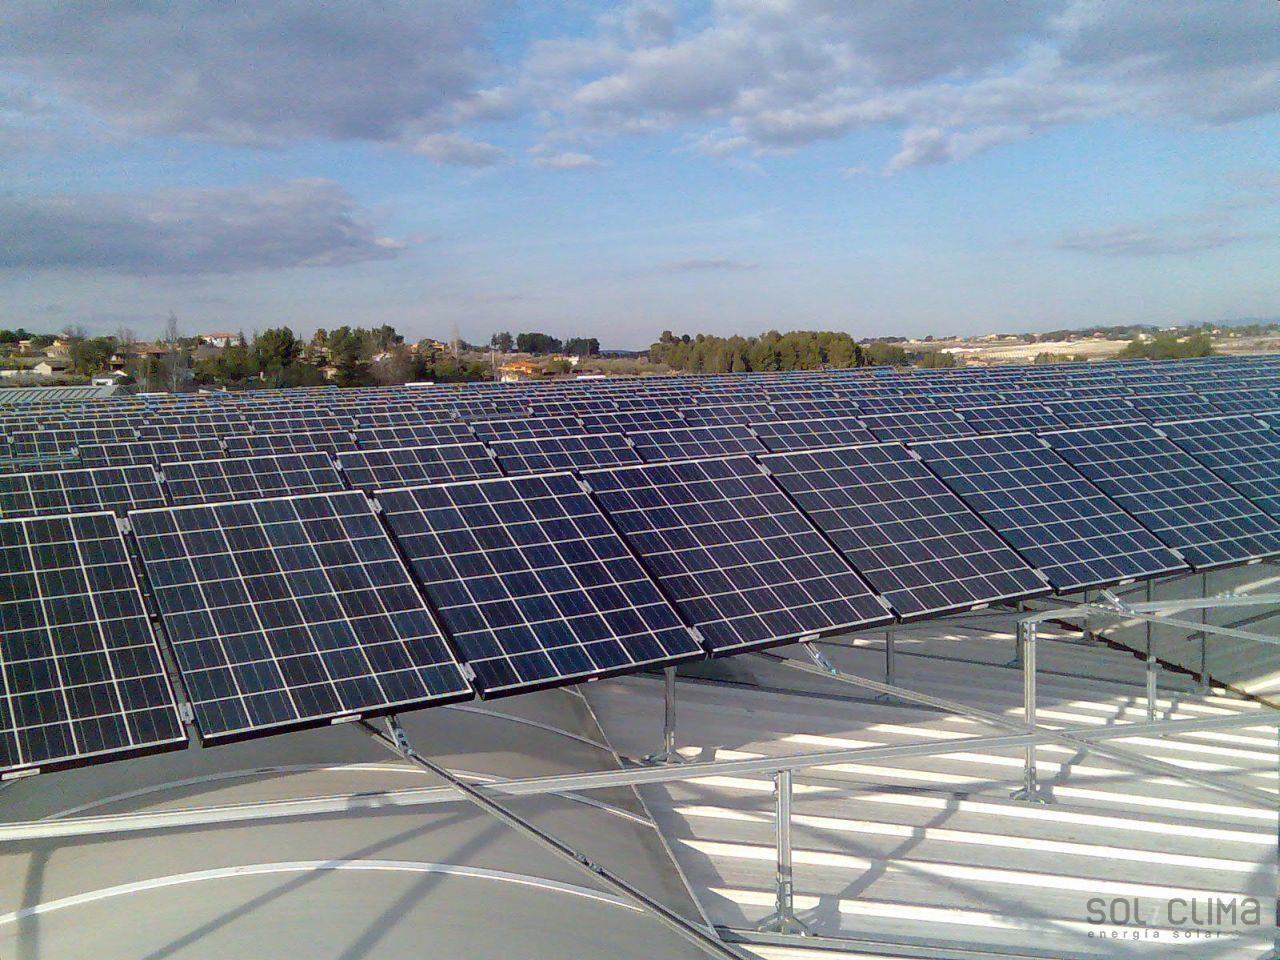 Instalacion destacada fotovoltaica madrid - Energia solar madrid ...